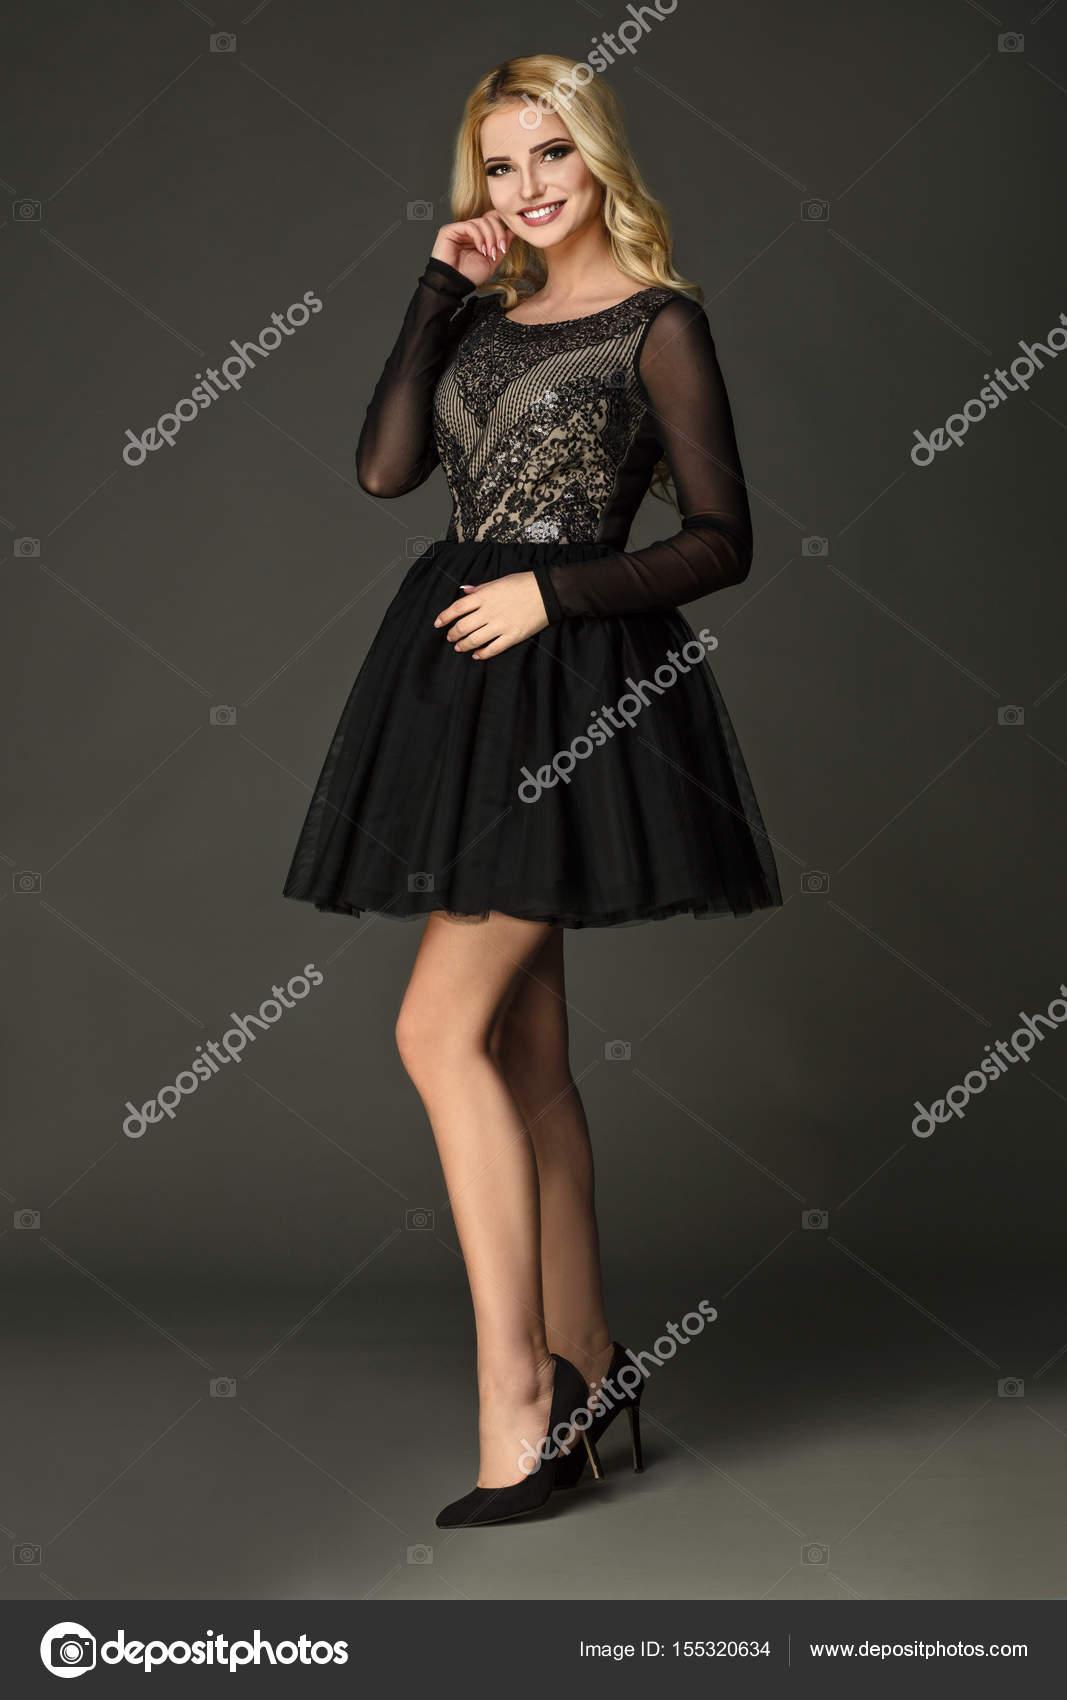 729466acd8a3 Το μοντέλο φοράει μαύρο φόρεμα με τα εκπληκτικά πόδια — Φωτογραφία Αρχείου